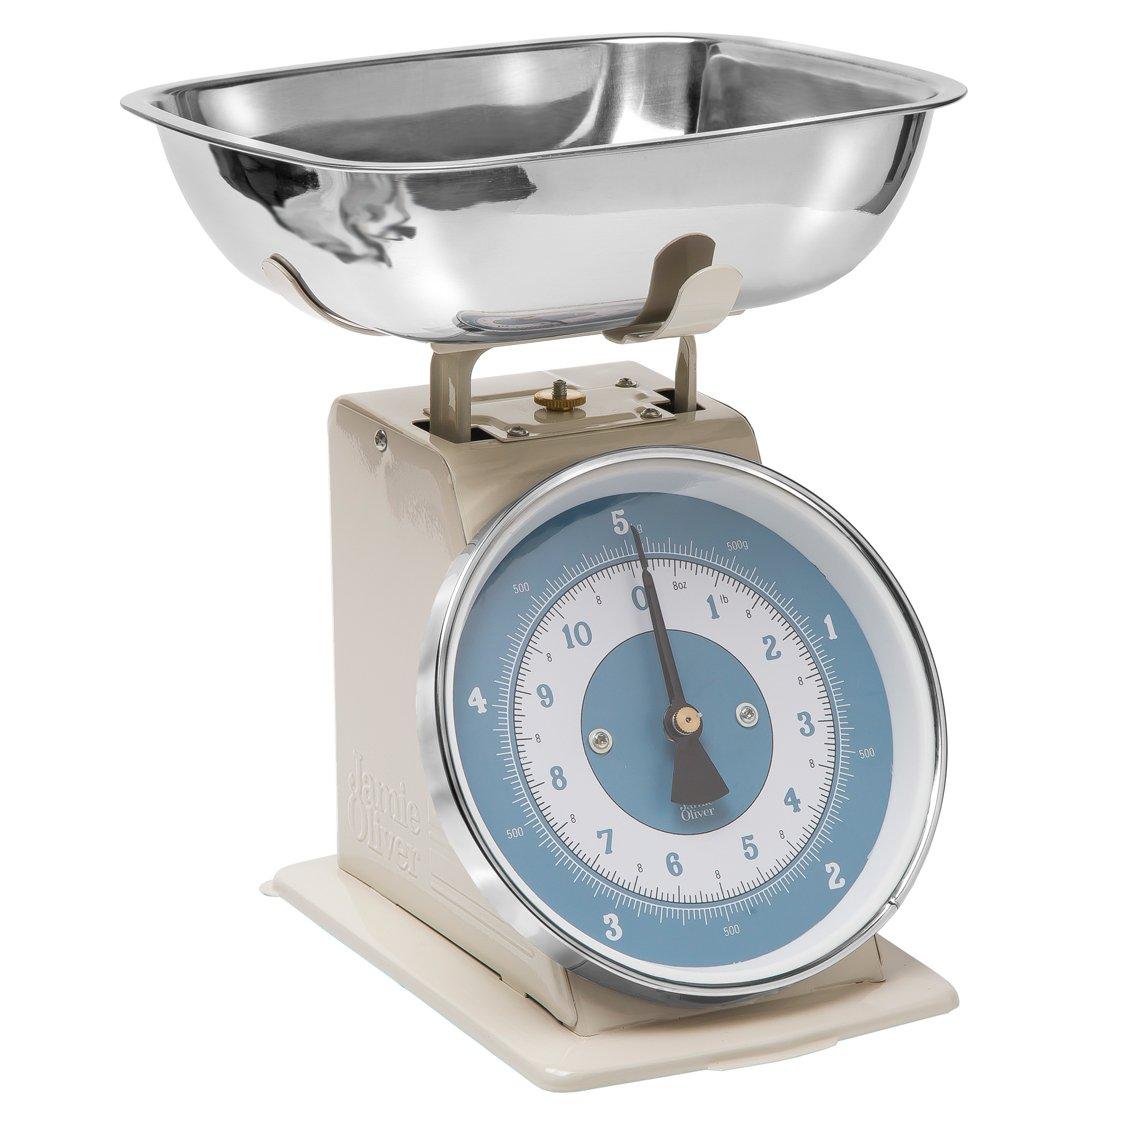 Duck Egg Blue Kitchen Utensils Jamie Oliver Jc4301 Old School Cream Scales Amazoncouk Kitchen